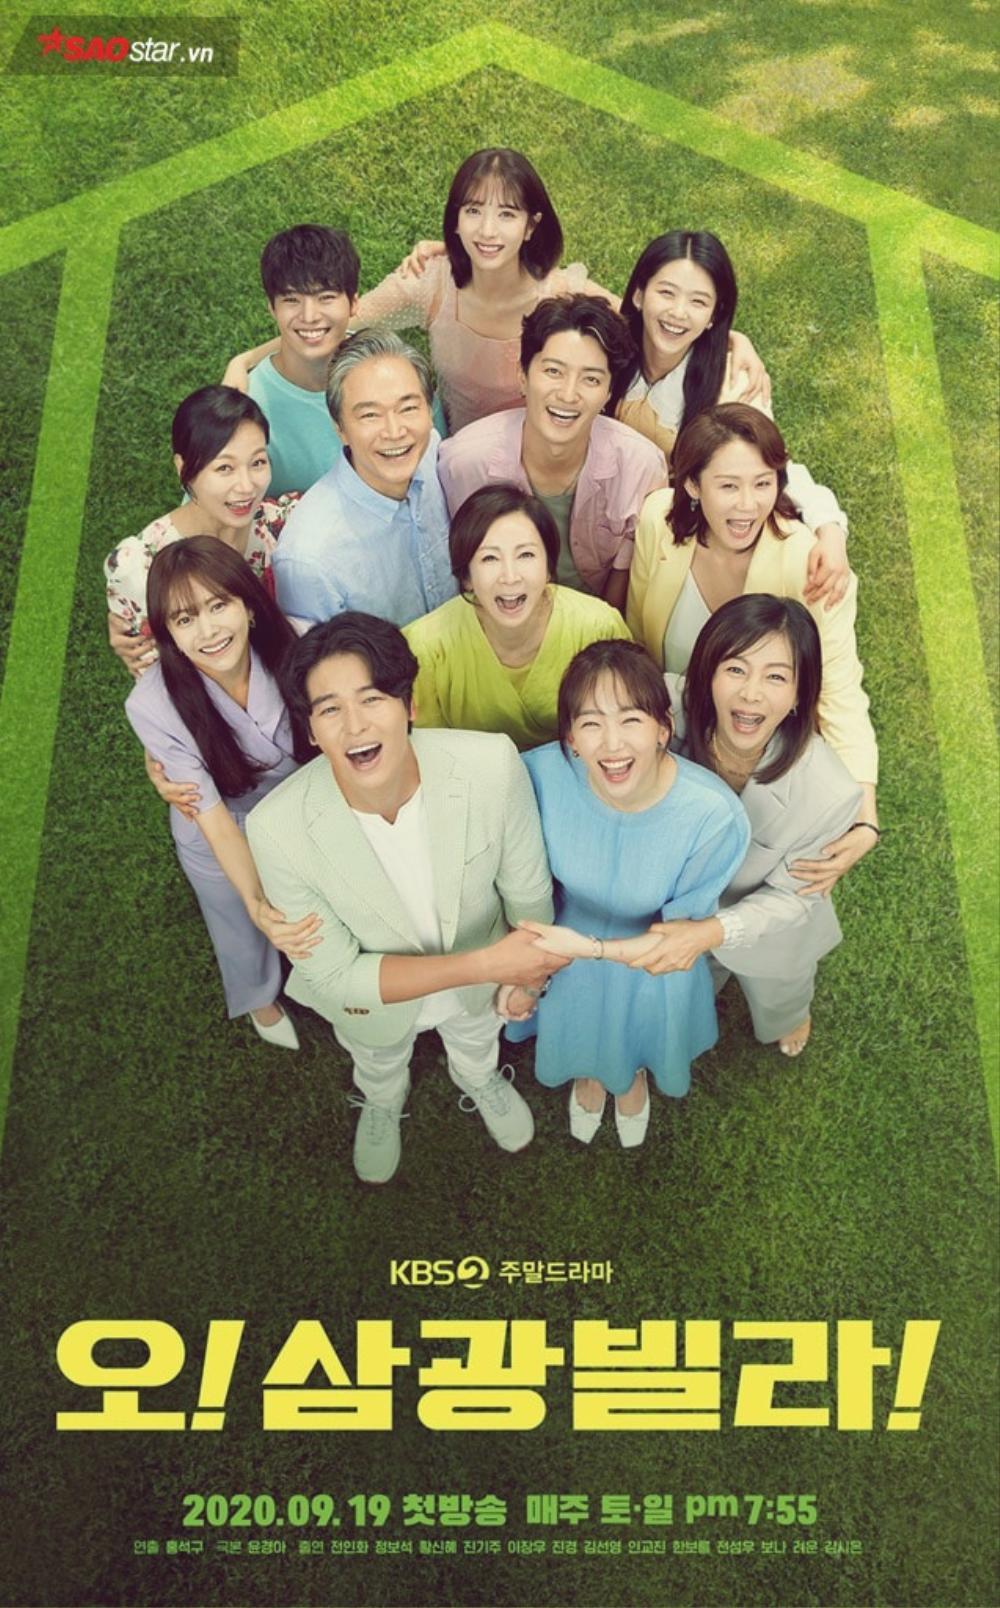 Phim truyền hình Hàn Quốc cuối tháng 9: Đa dạng thể loại nhưng nội dung không mới mẻ Ảnh 1